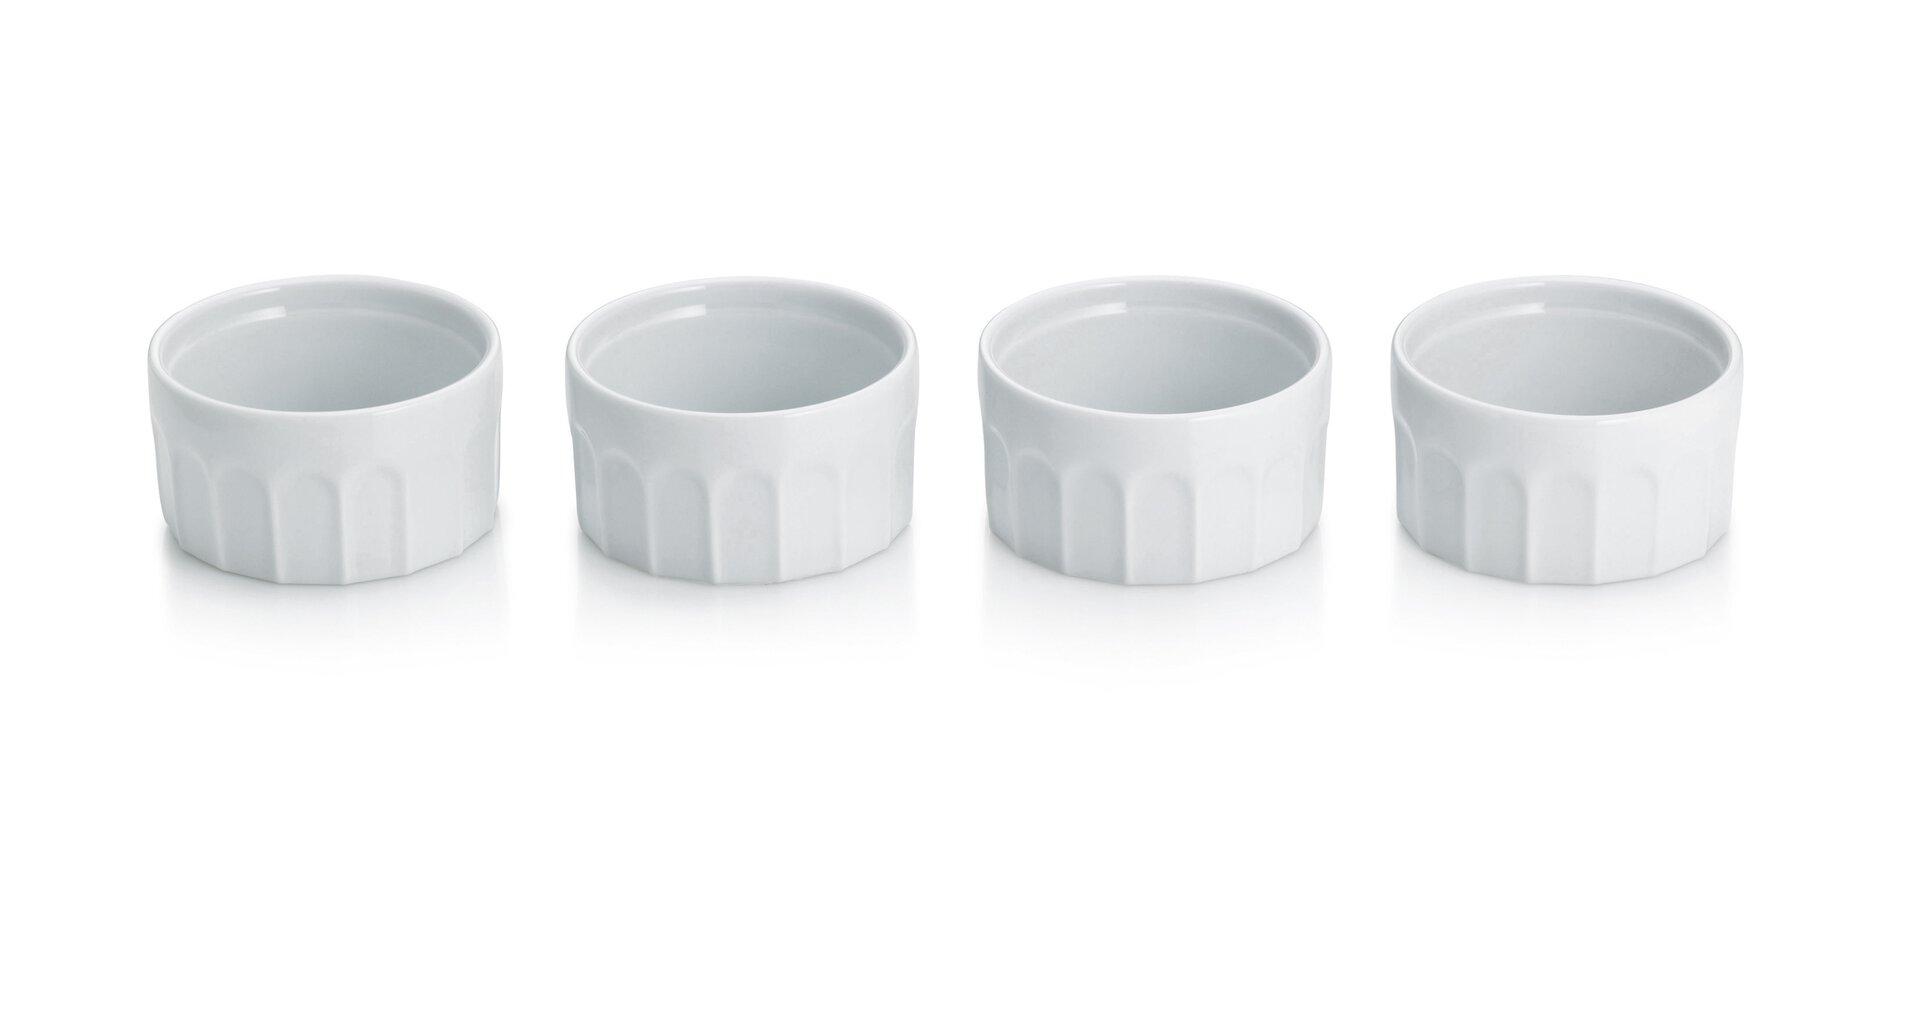 Schale Maleen Kela Keramik weiß